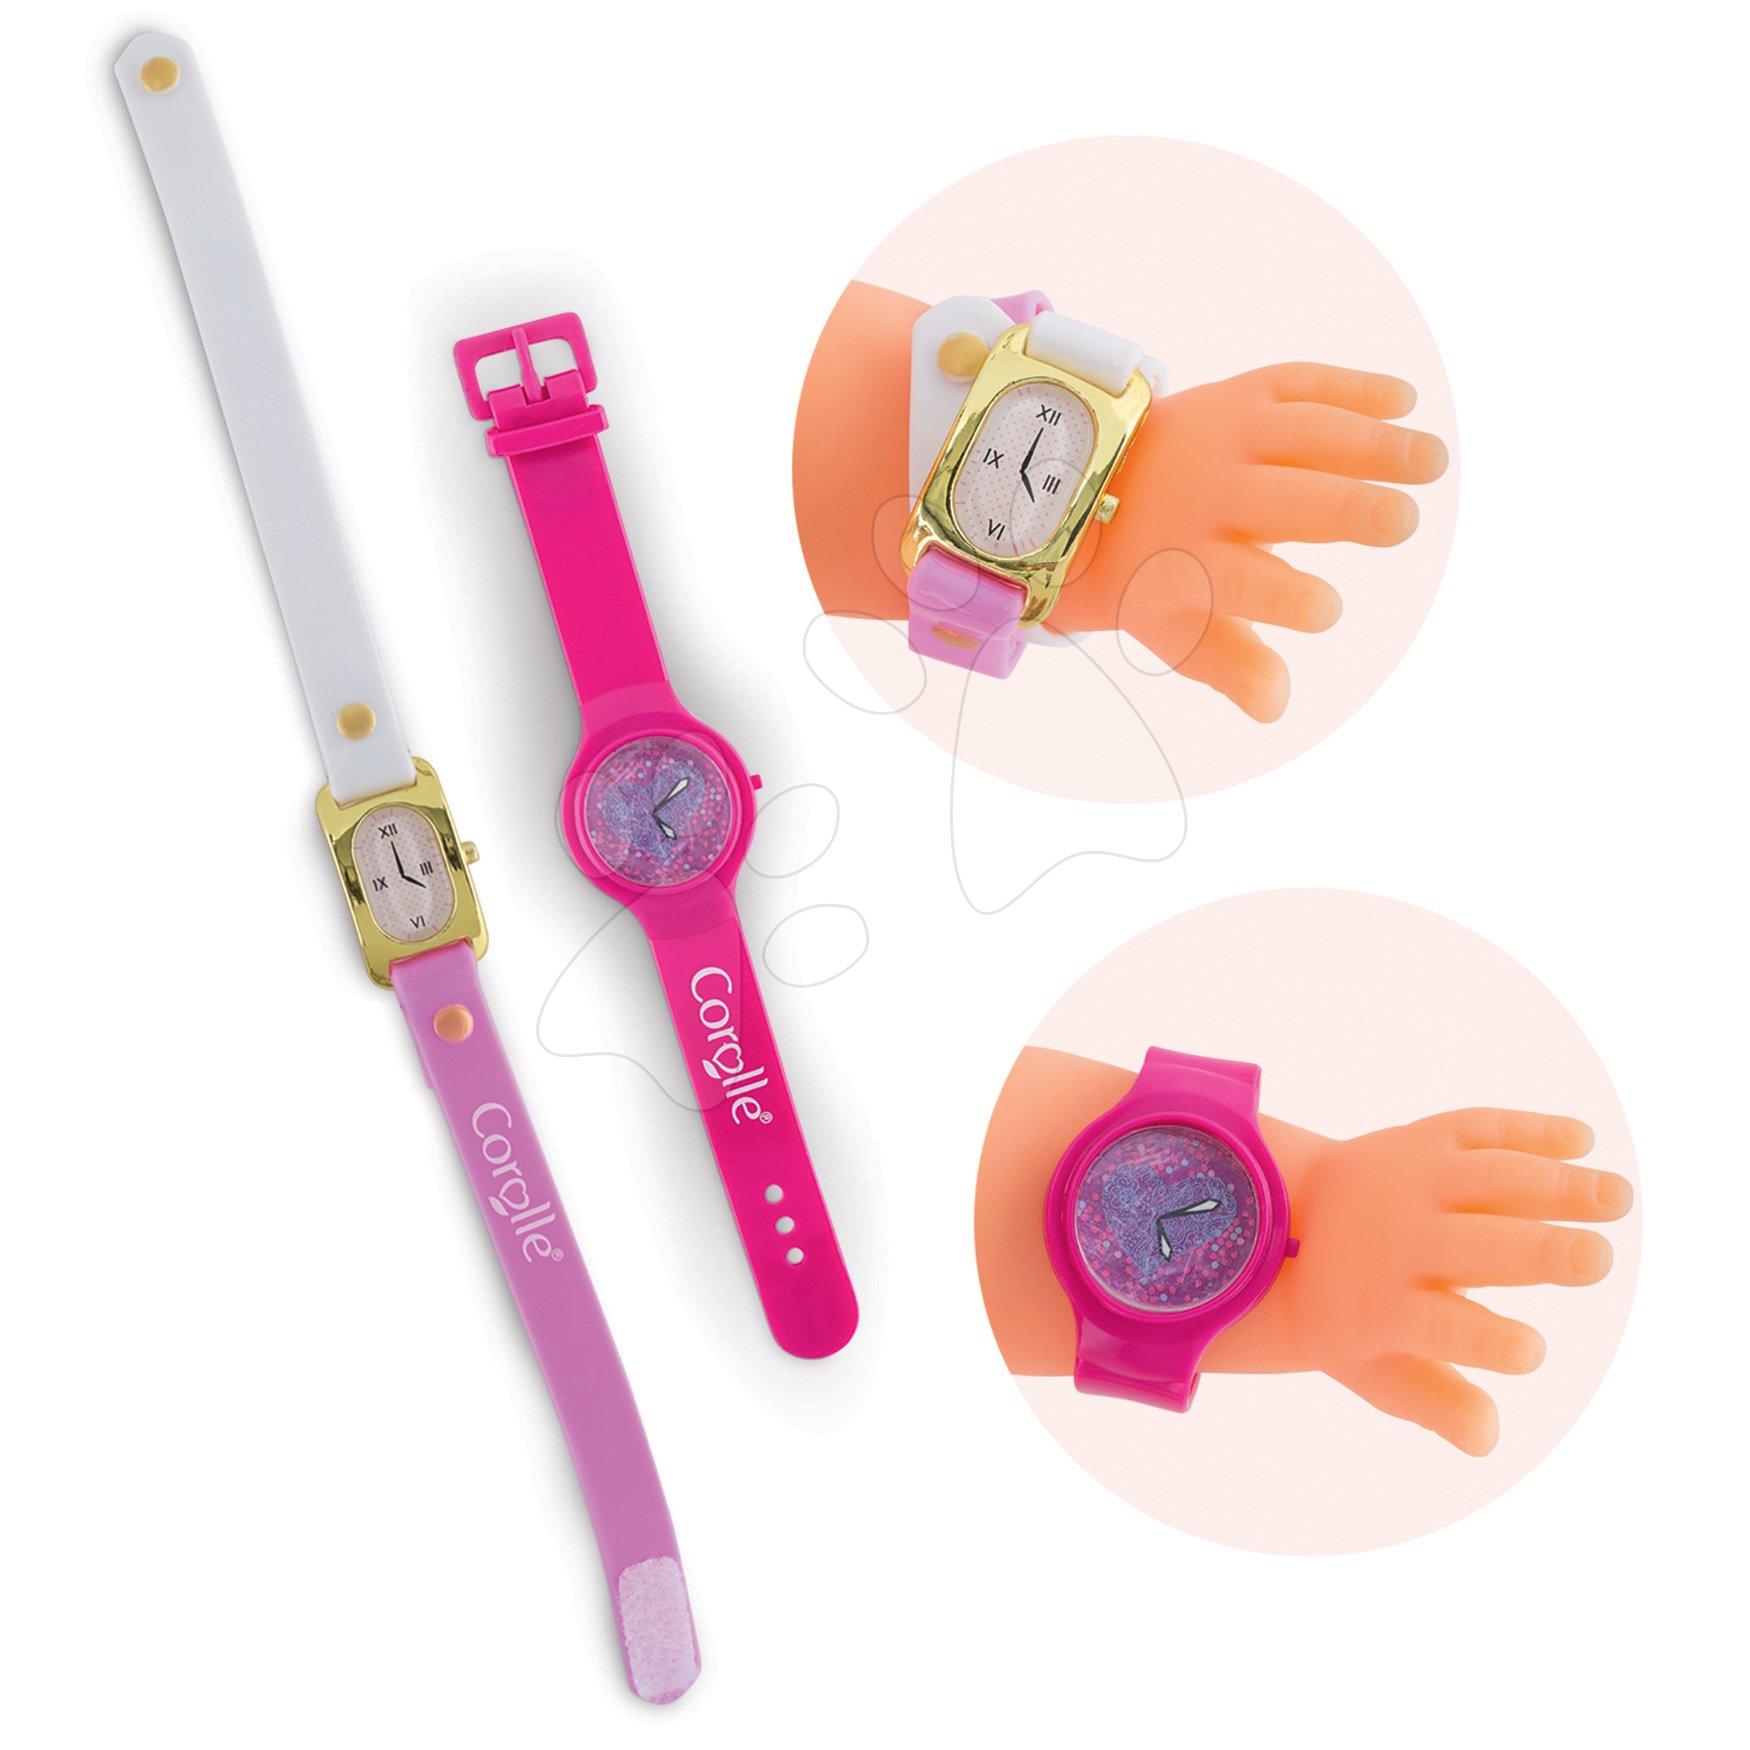 Náramkové hodinky Watches Ma Corolle 2 kusy pre 36 cm bábiku od 4 rokov